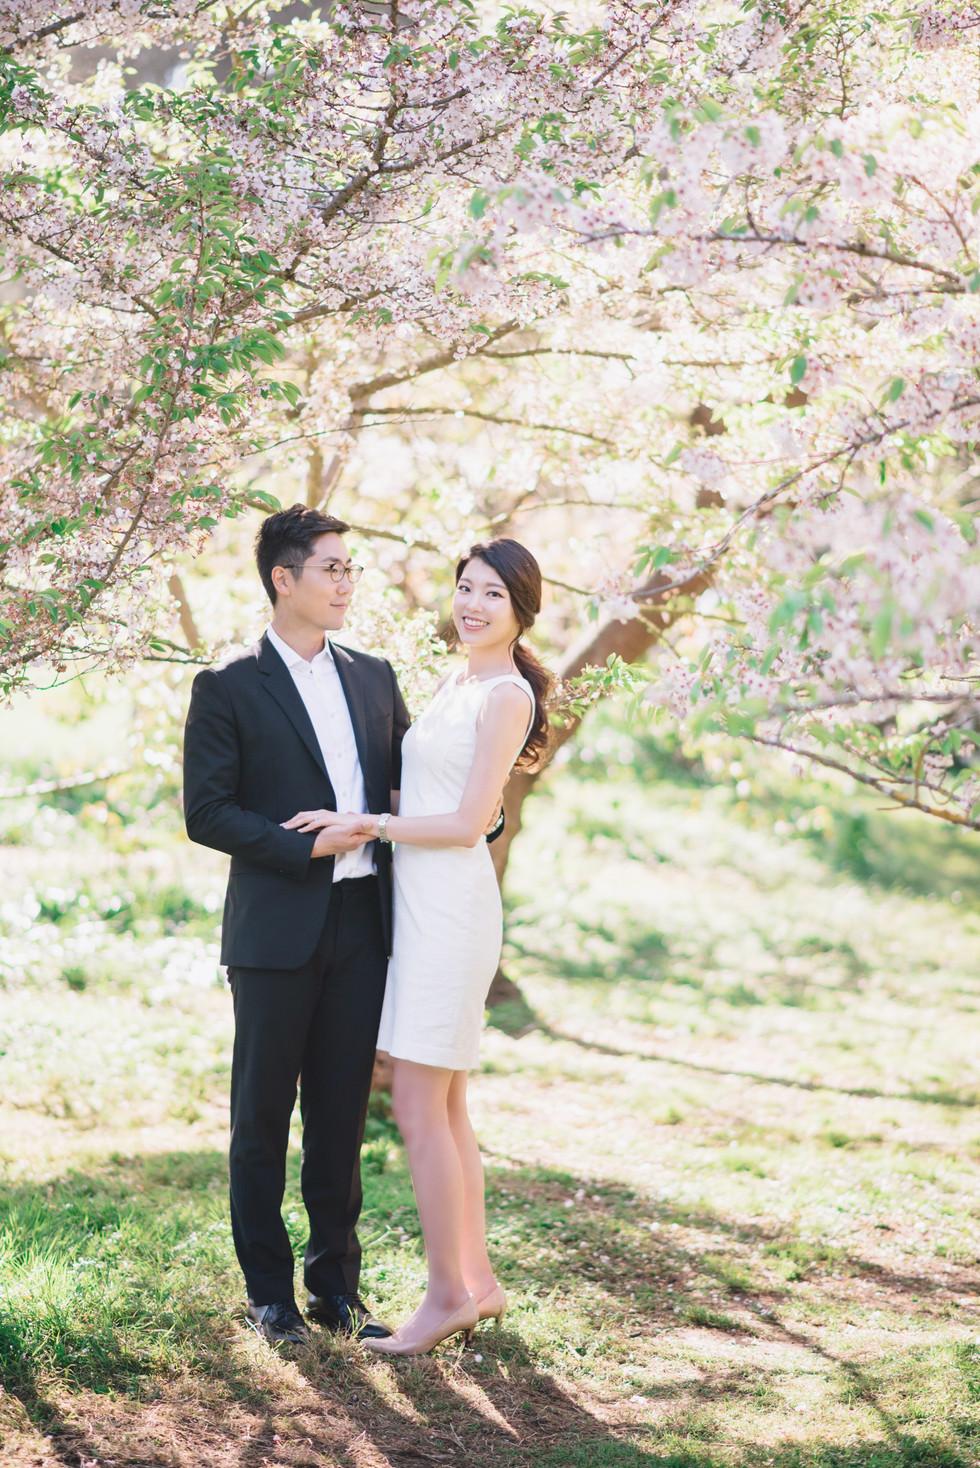 Cherry Blossom Ending